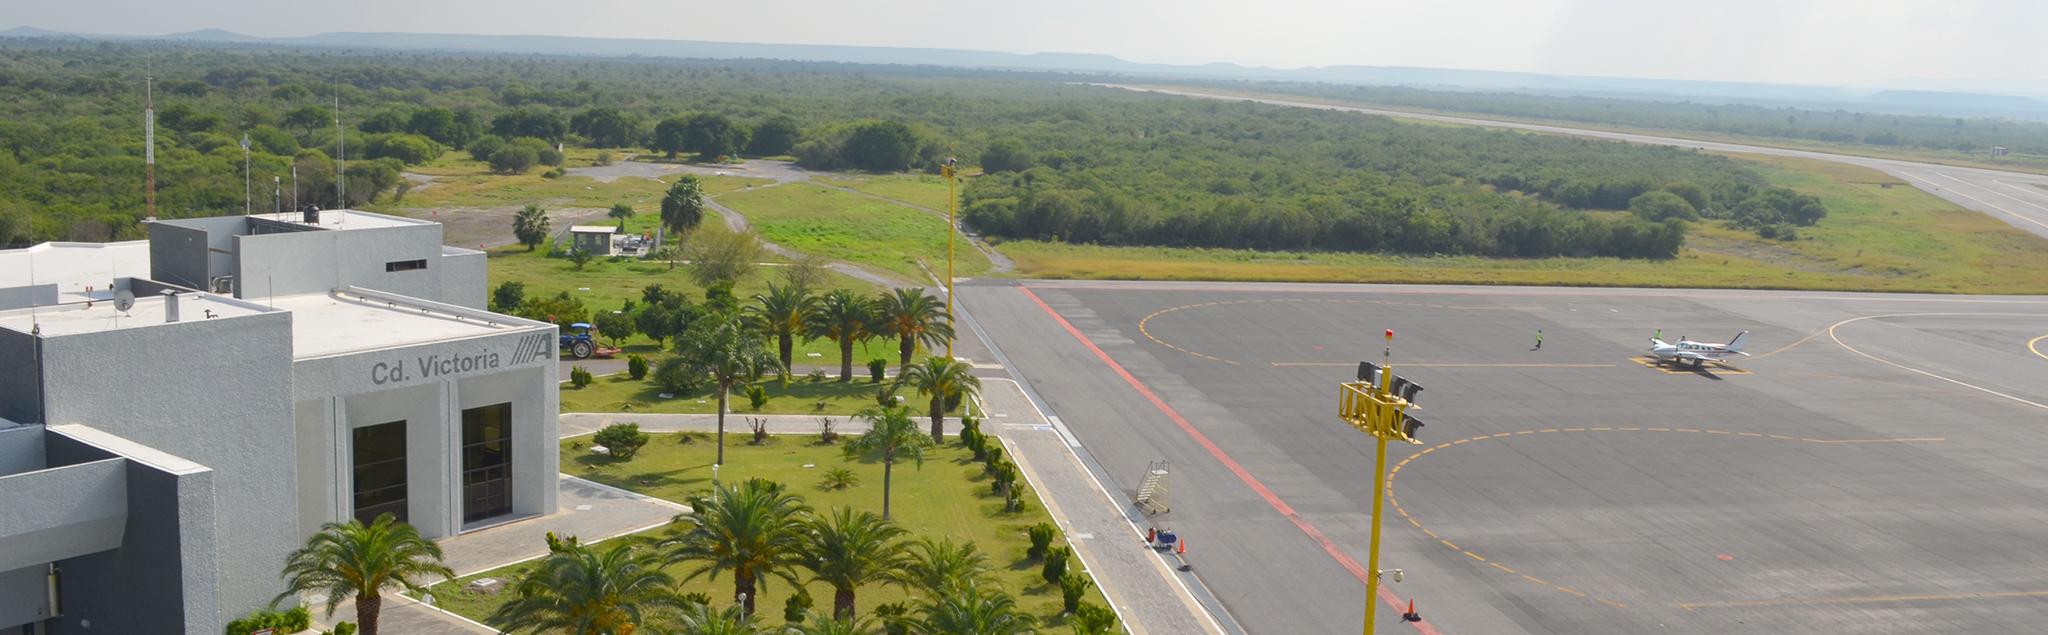 México: Certifican dos aeropuertos por cumplir normas ambientales